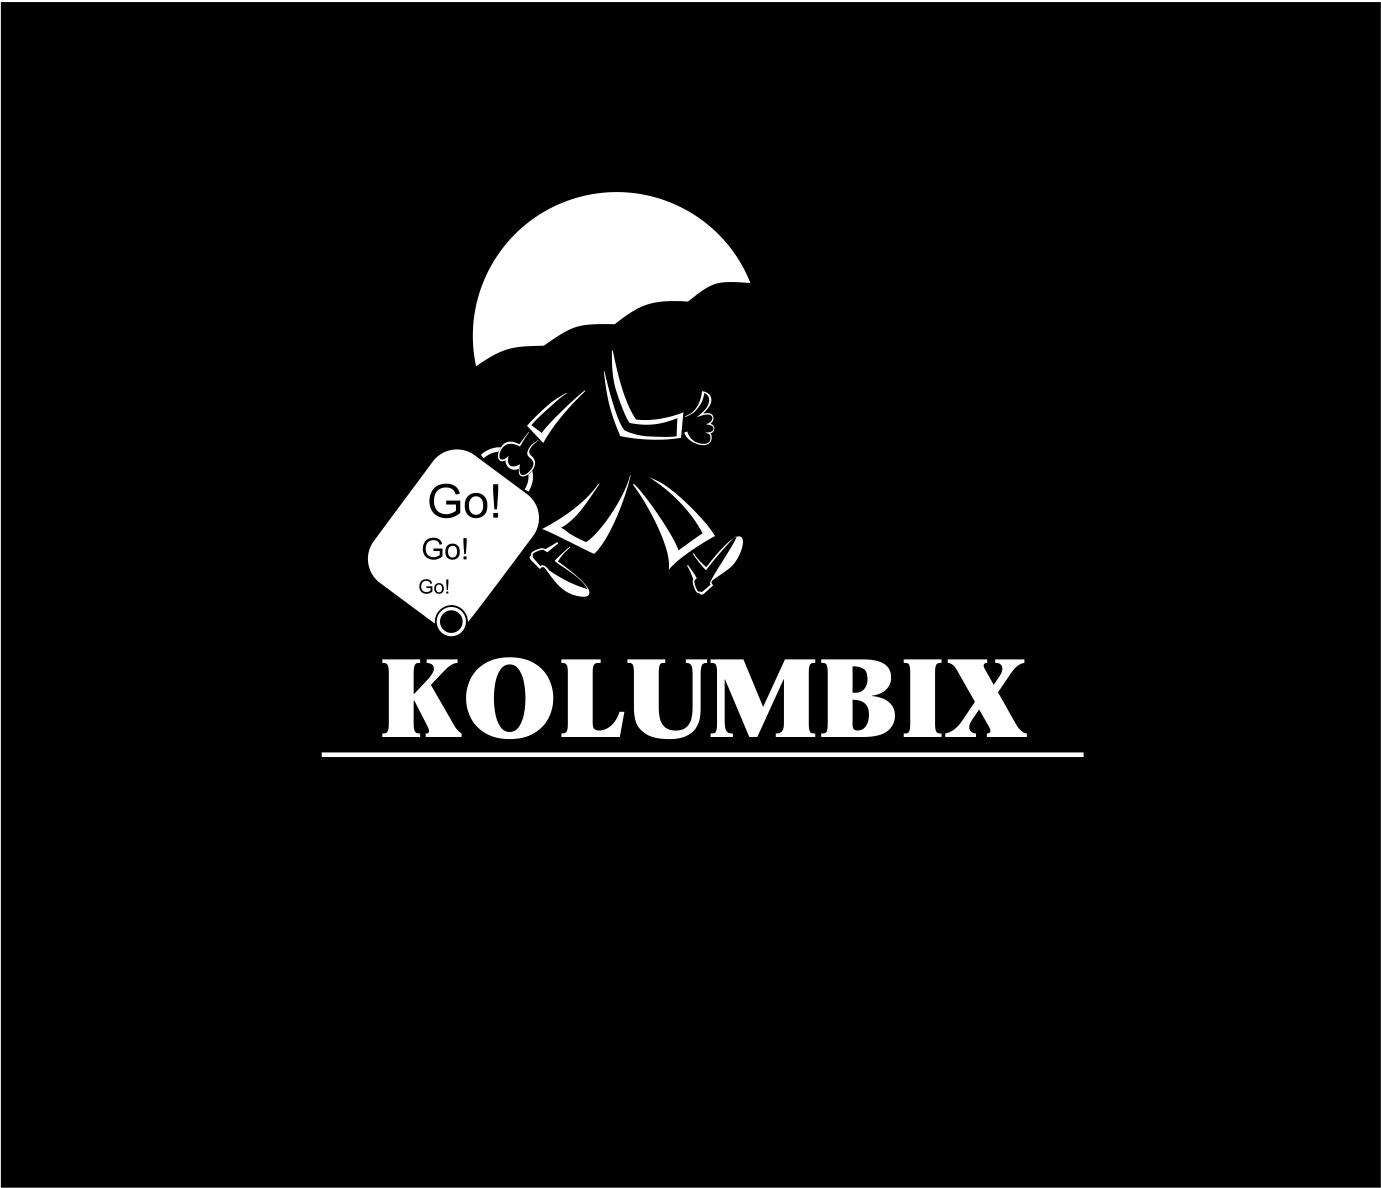 Создание логотипа для туристической фирмы Kolumbix фото f_4fb7fc93c11fd.jpg